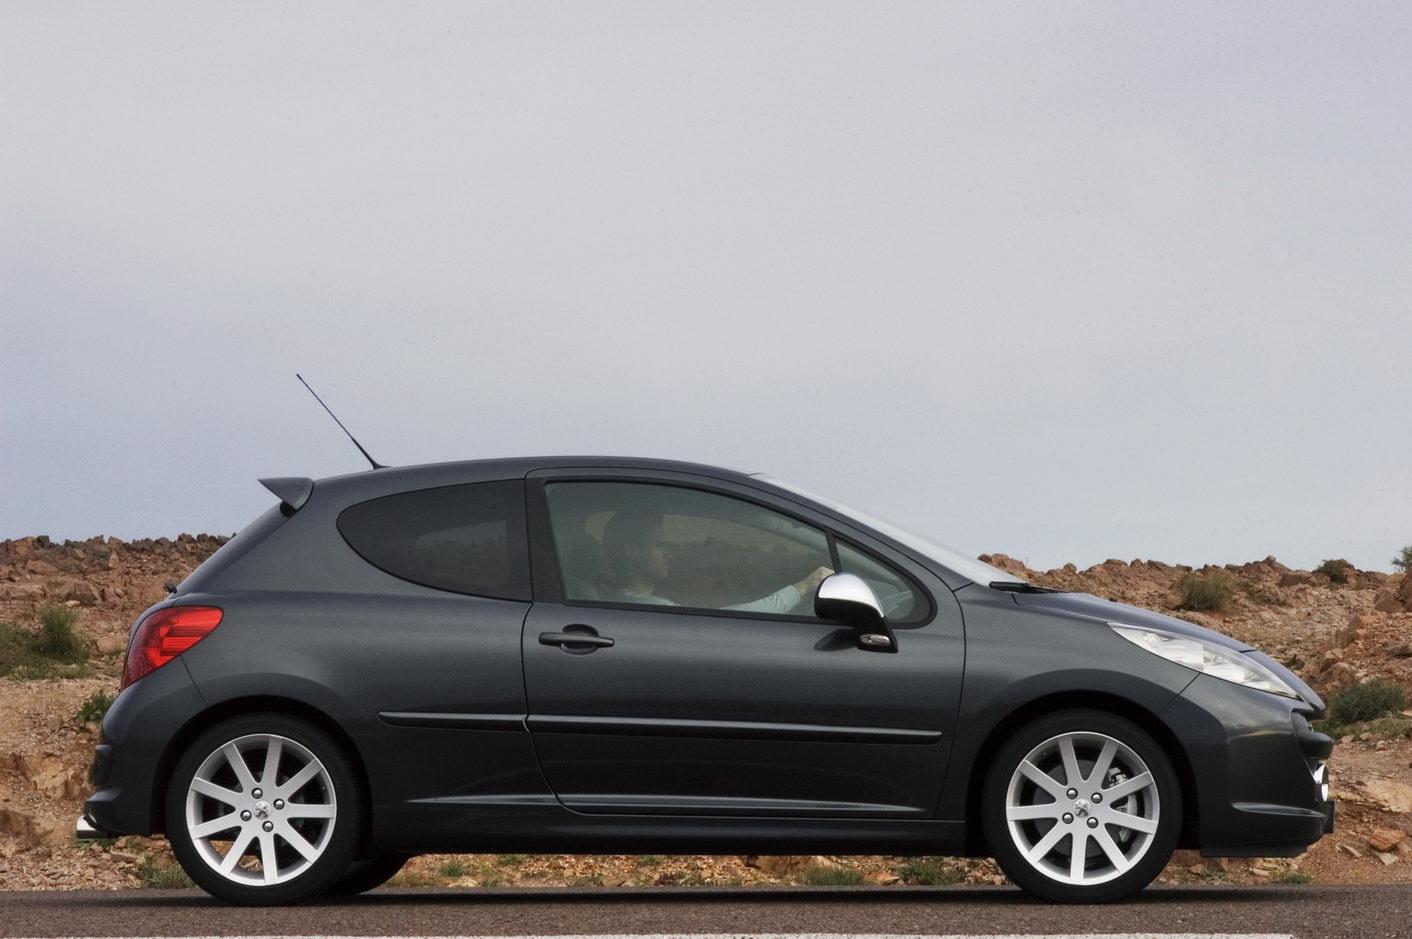 Carscoop 207RC 54 Geneva Preview: Peugeot 207 RC 1.6 Turbo 175Hp